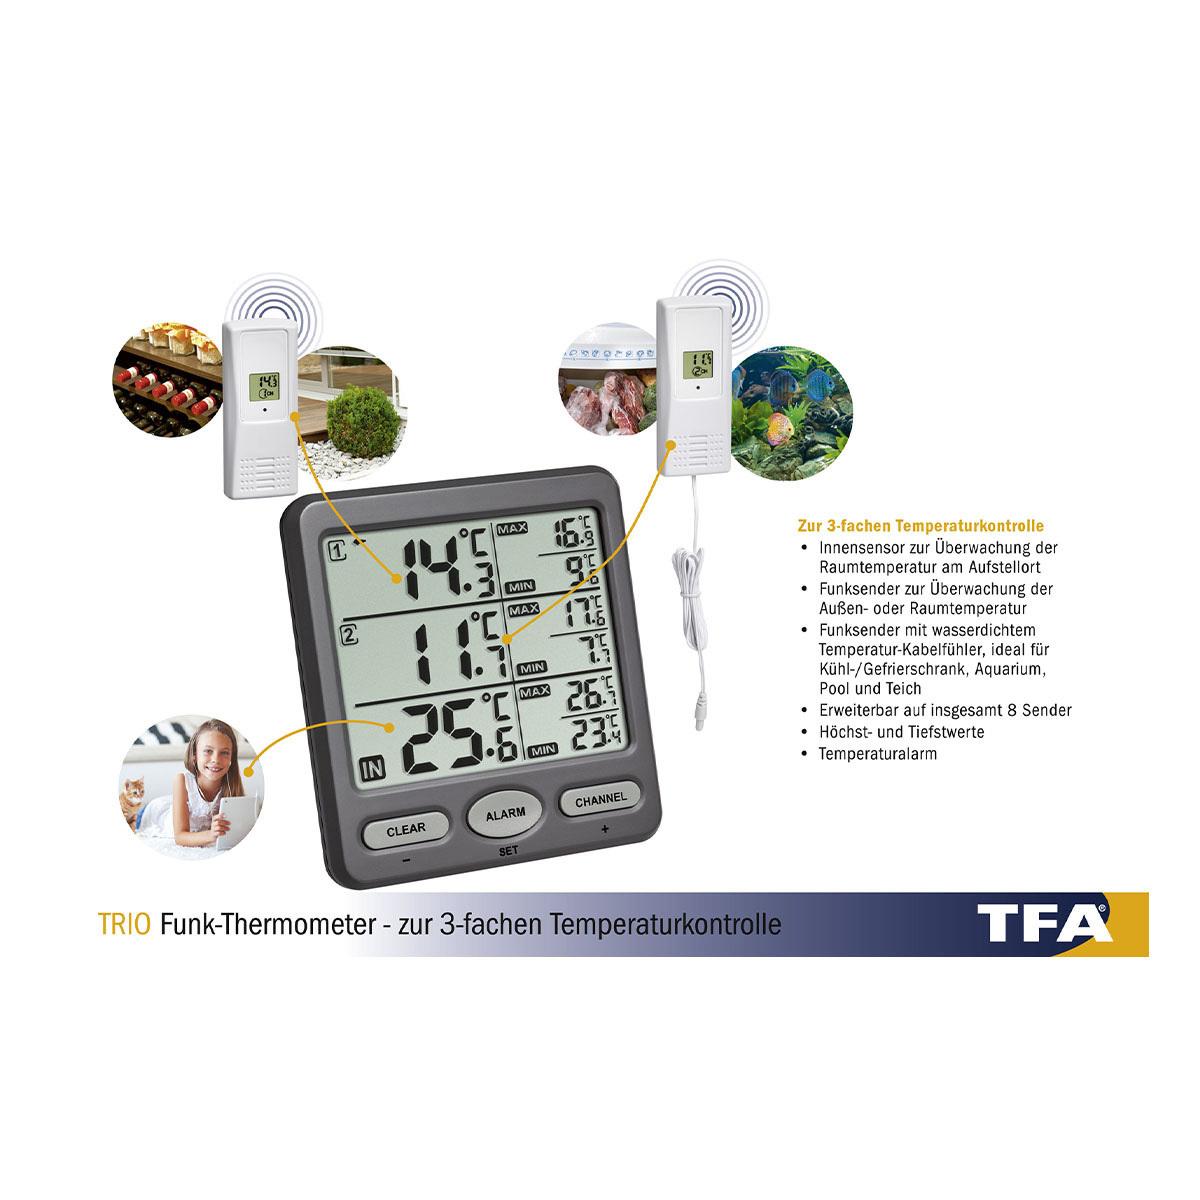 30-3062-10-funk-thermometer-mit-2-sendern-trio-vorteile-1200x1200px.jpg